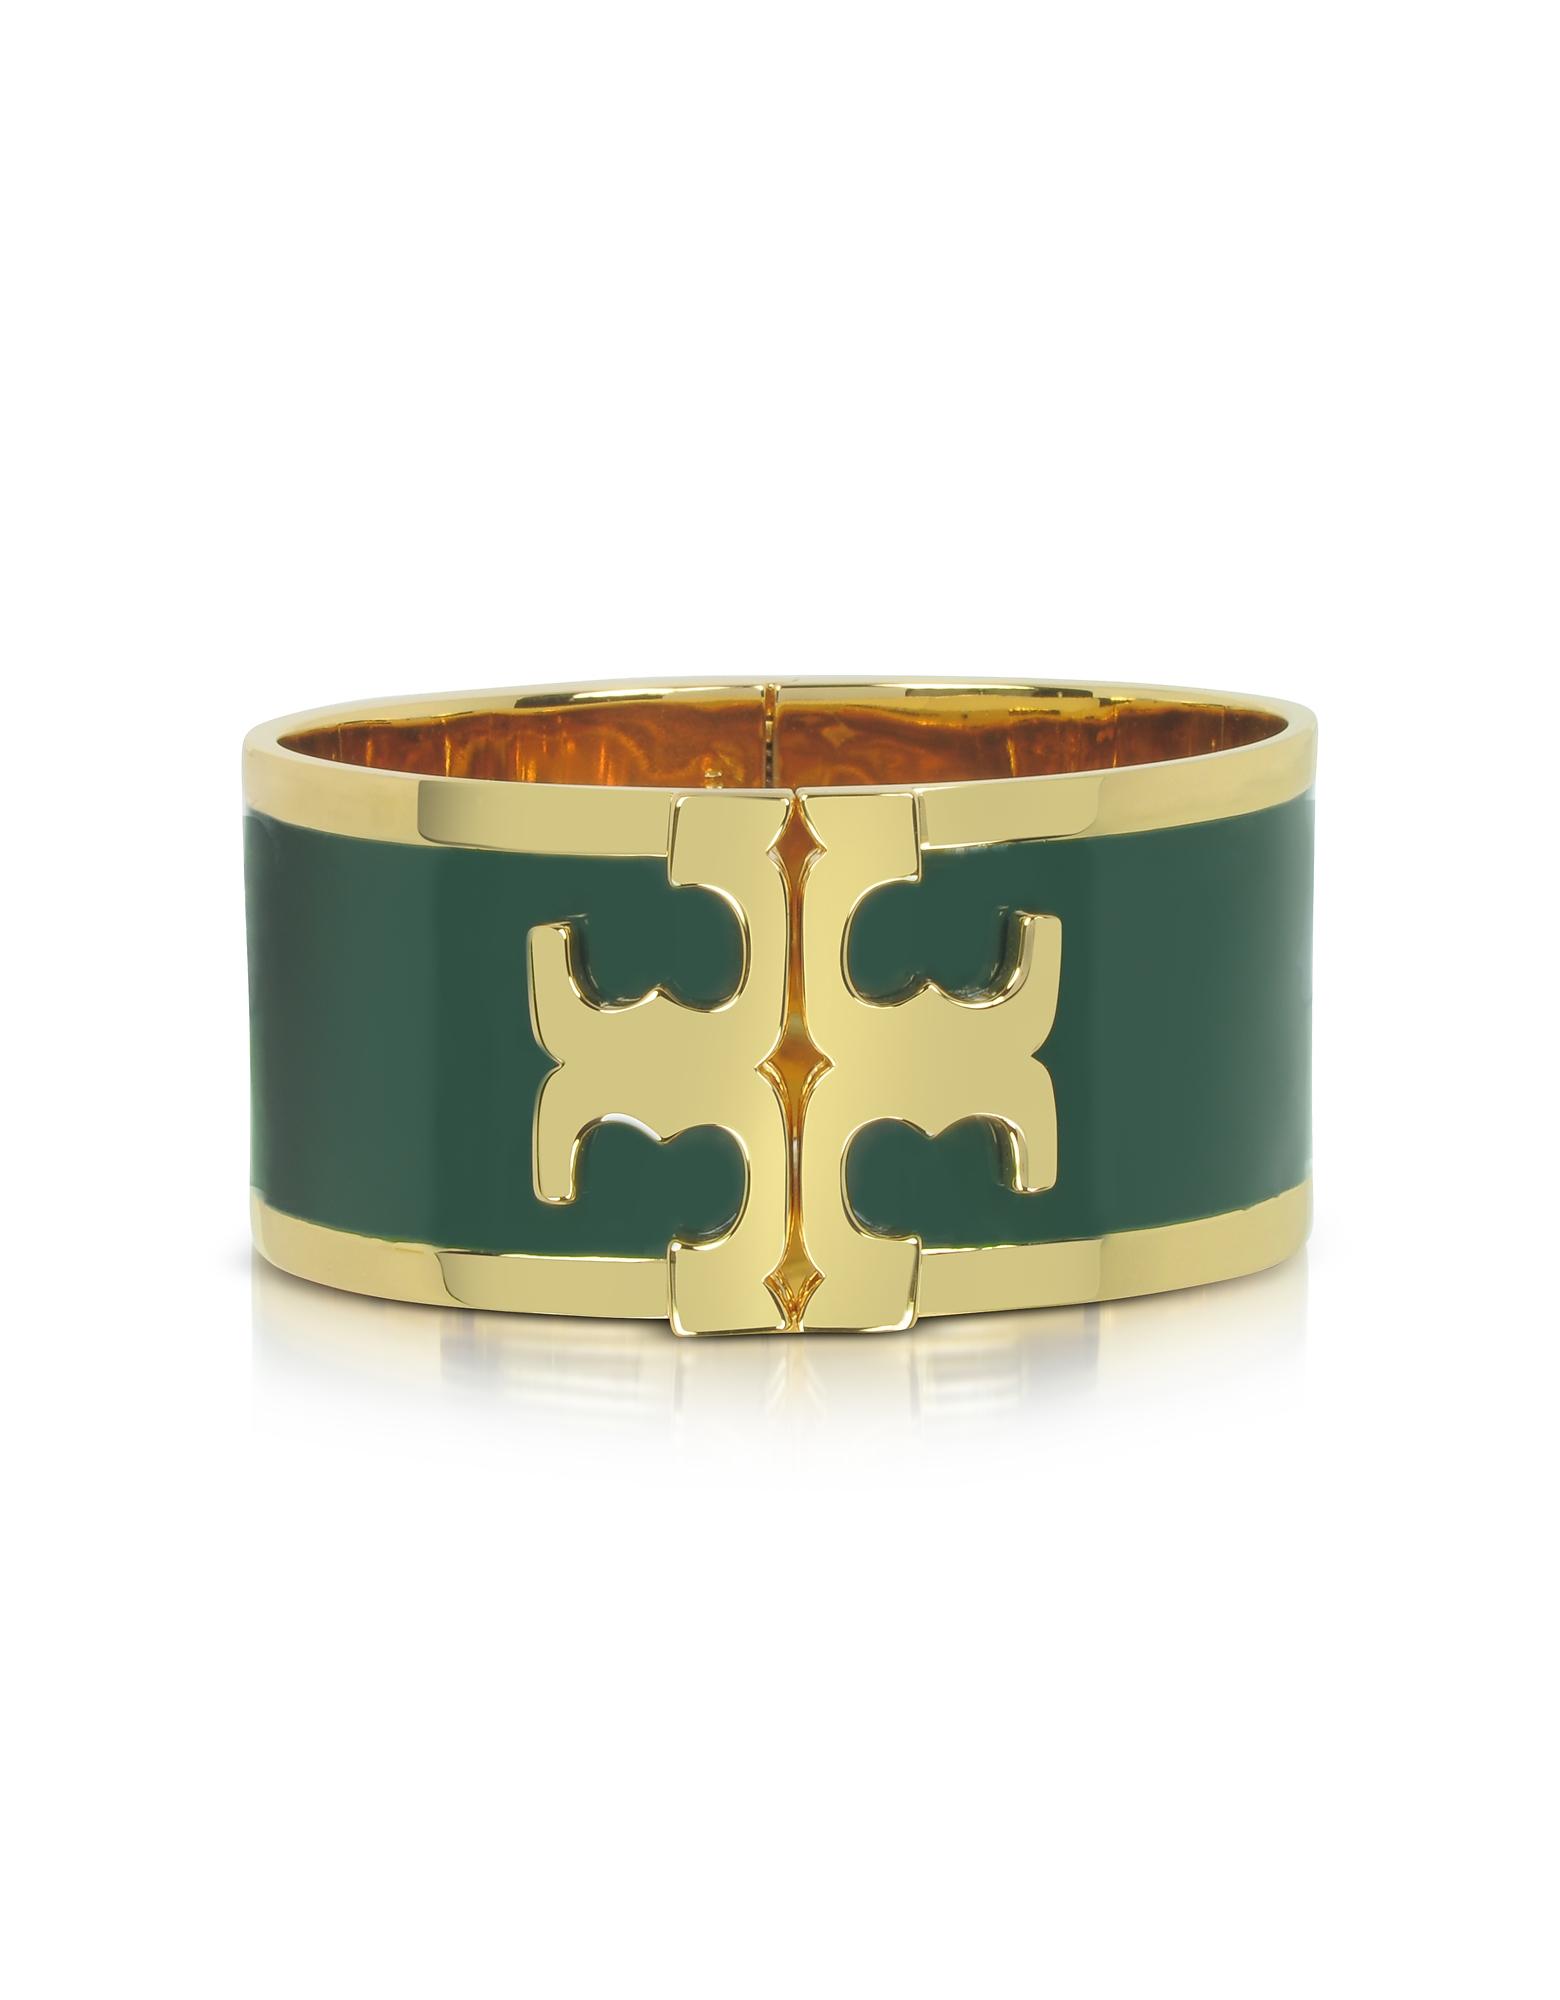 Tory - Браслет Широкая Манжета из Золотистой Бронзы и Зеленой Эмали с Логотипом